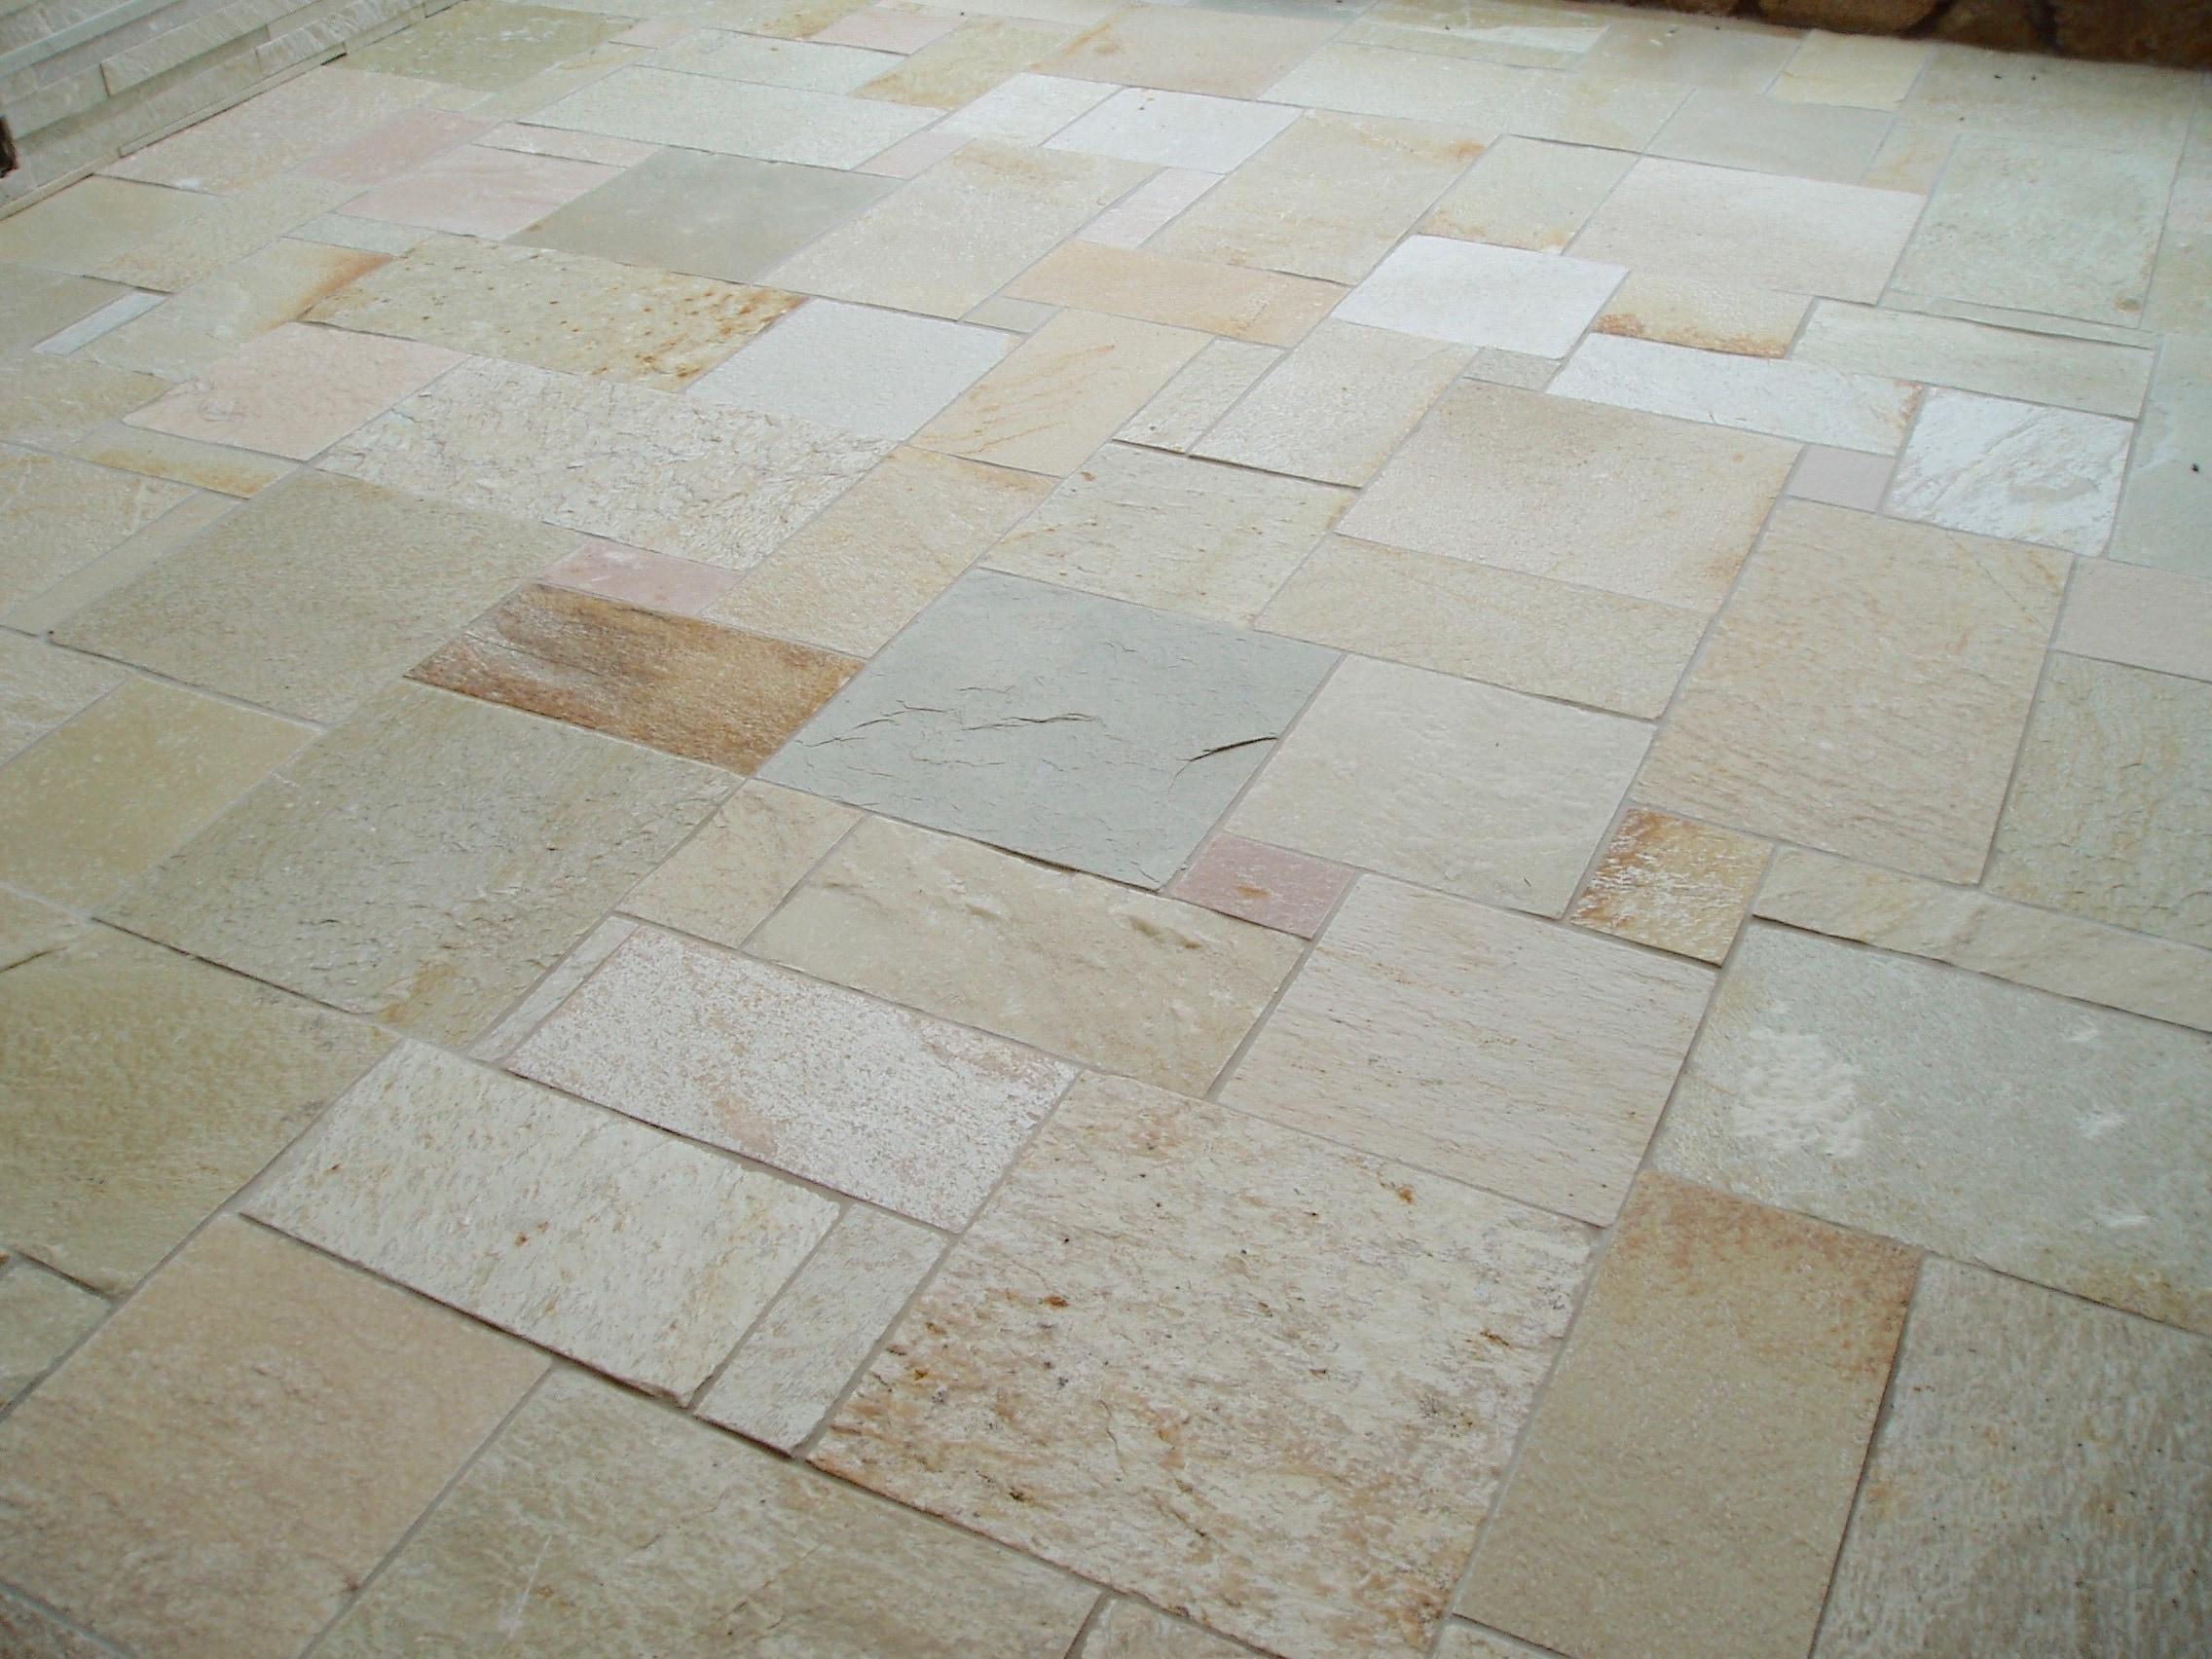 Quartzite floor tiles image collections tile flooring design ideas quartzite floor tile choice image tile flooring design ideas quartzite floor tiles image collections tile flooring dailygadgetfo Choice Image